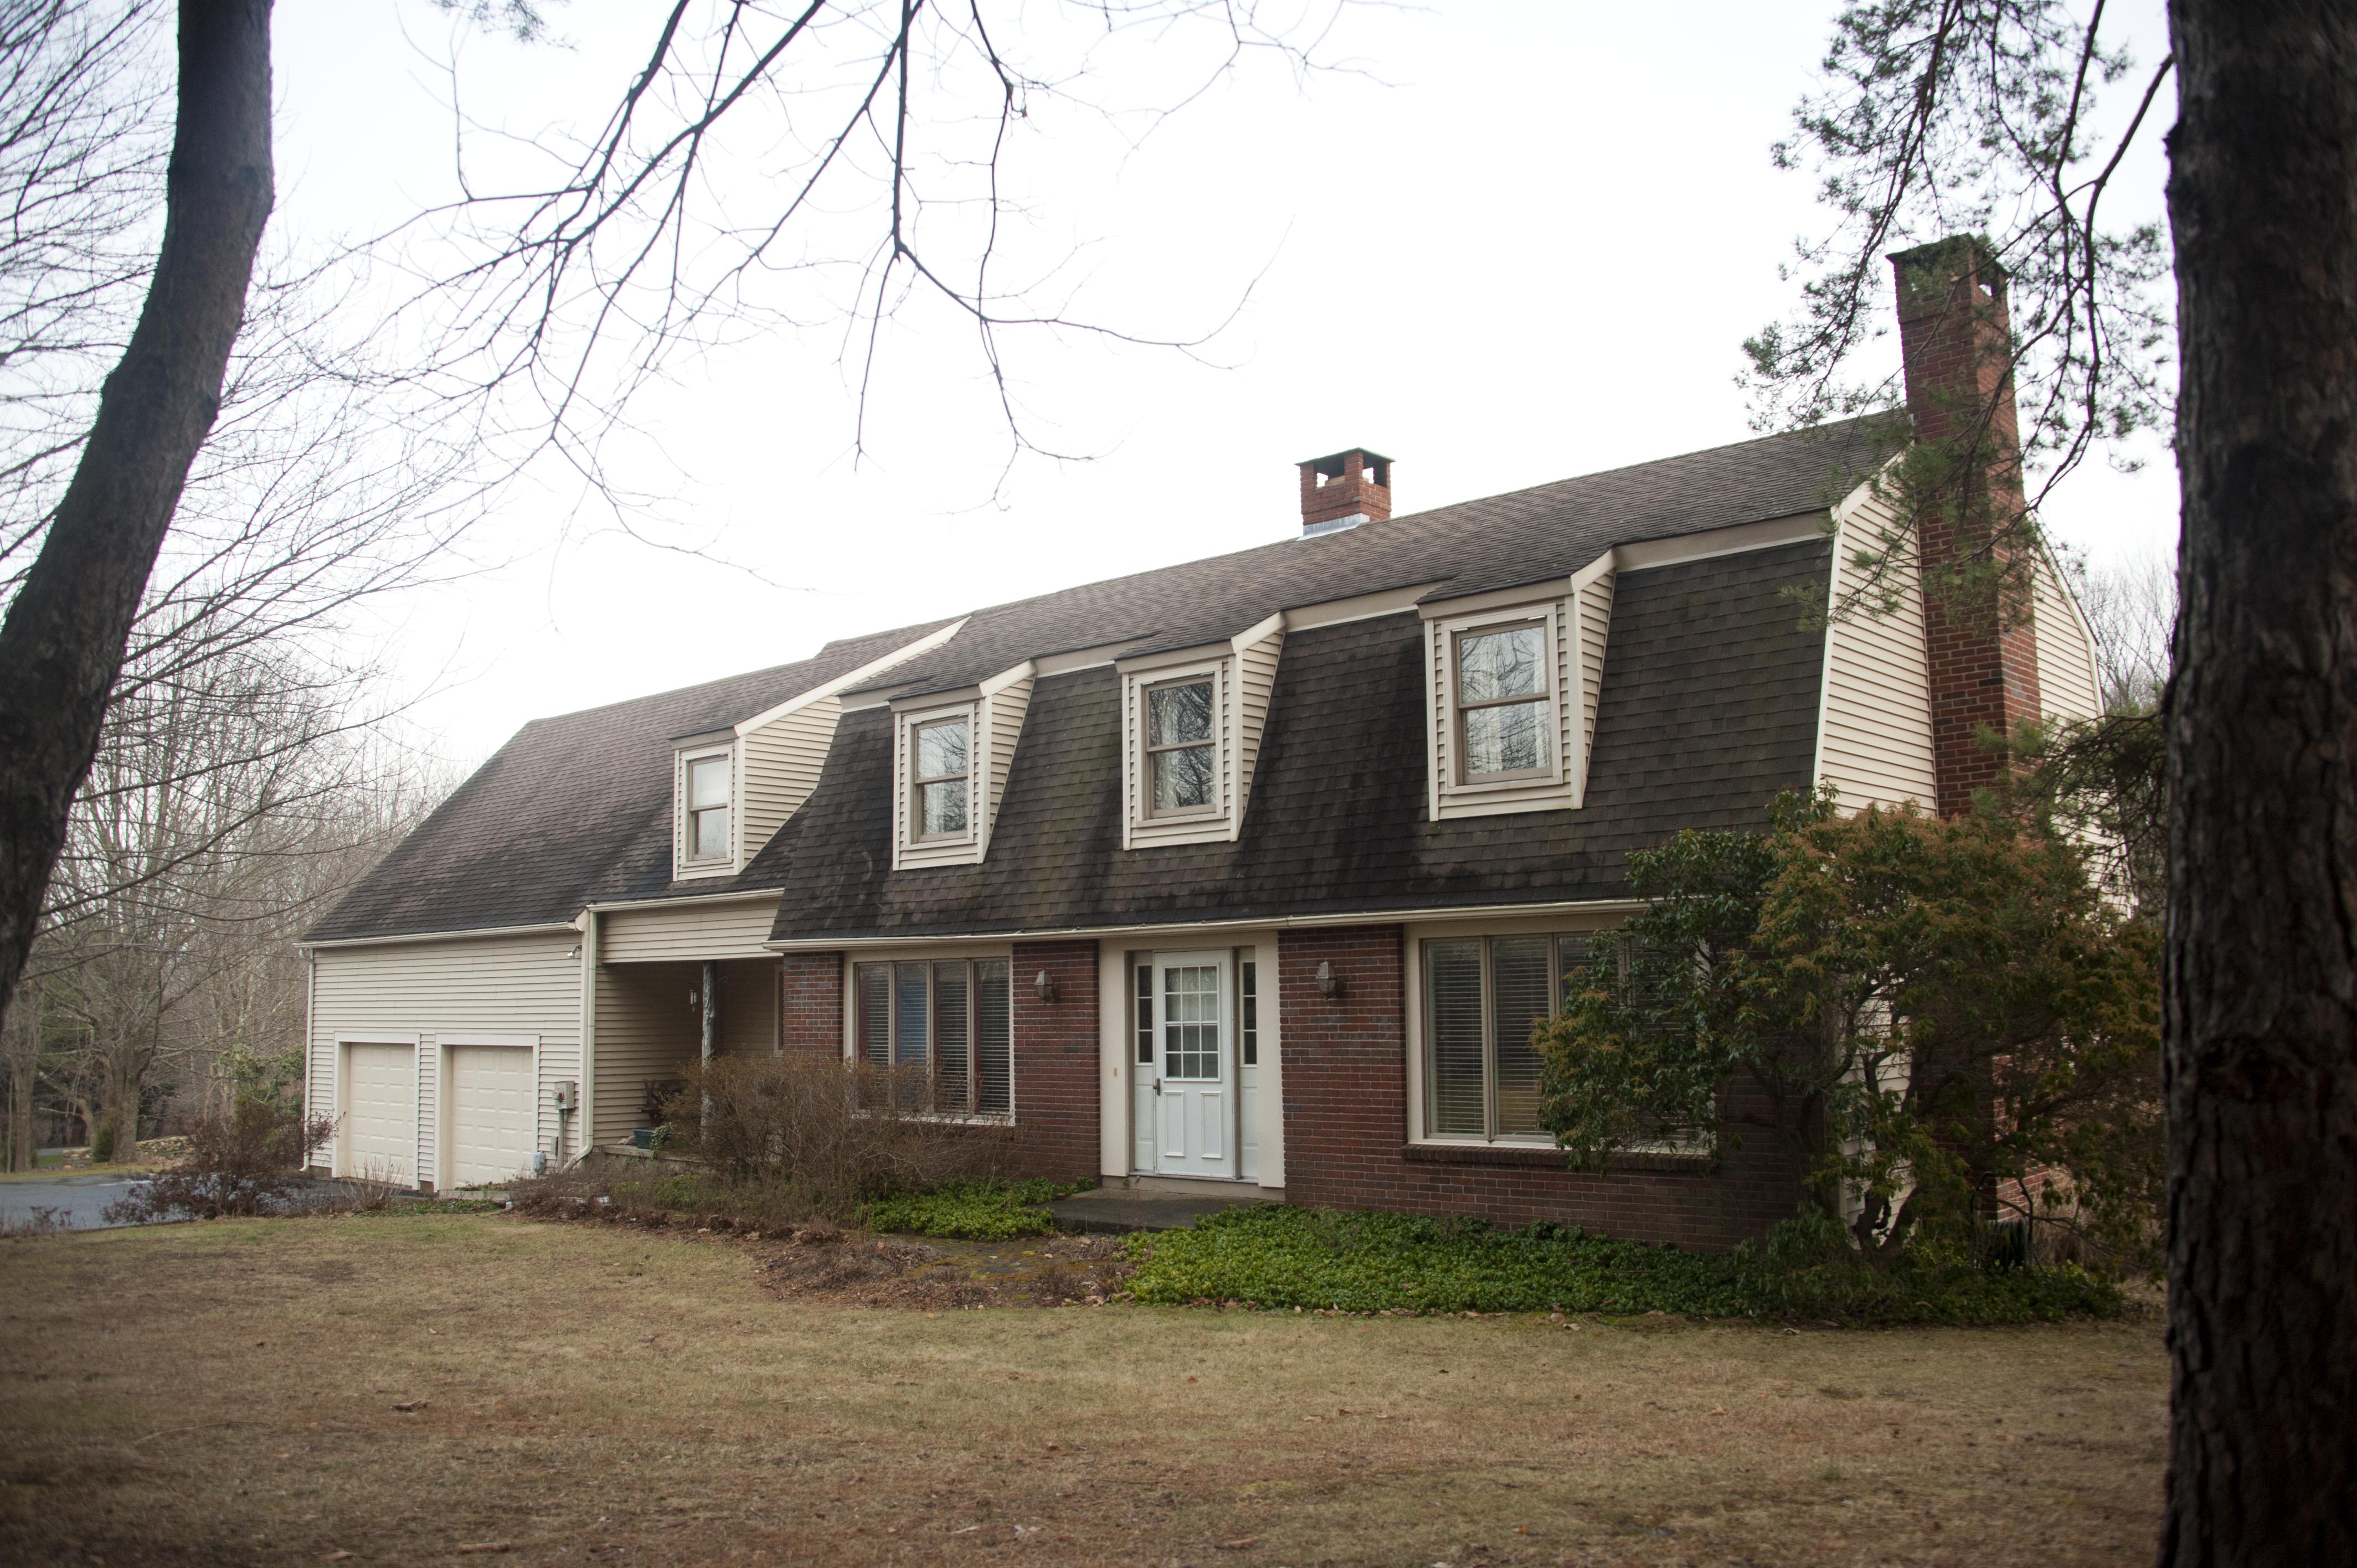 Maison unifamiliale pour l Vente à Comfortable Colonial in Washington 27 Winston Dr Washington, Connecticut 06794 États-Unis